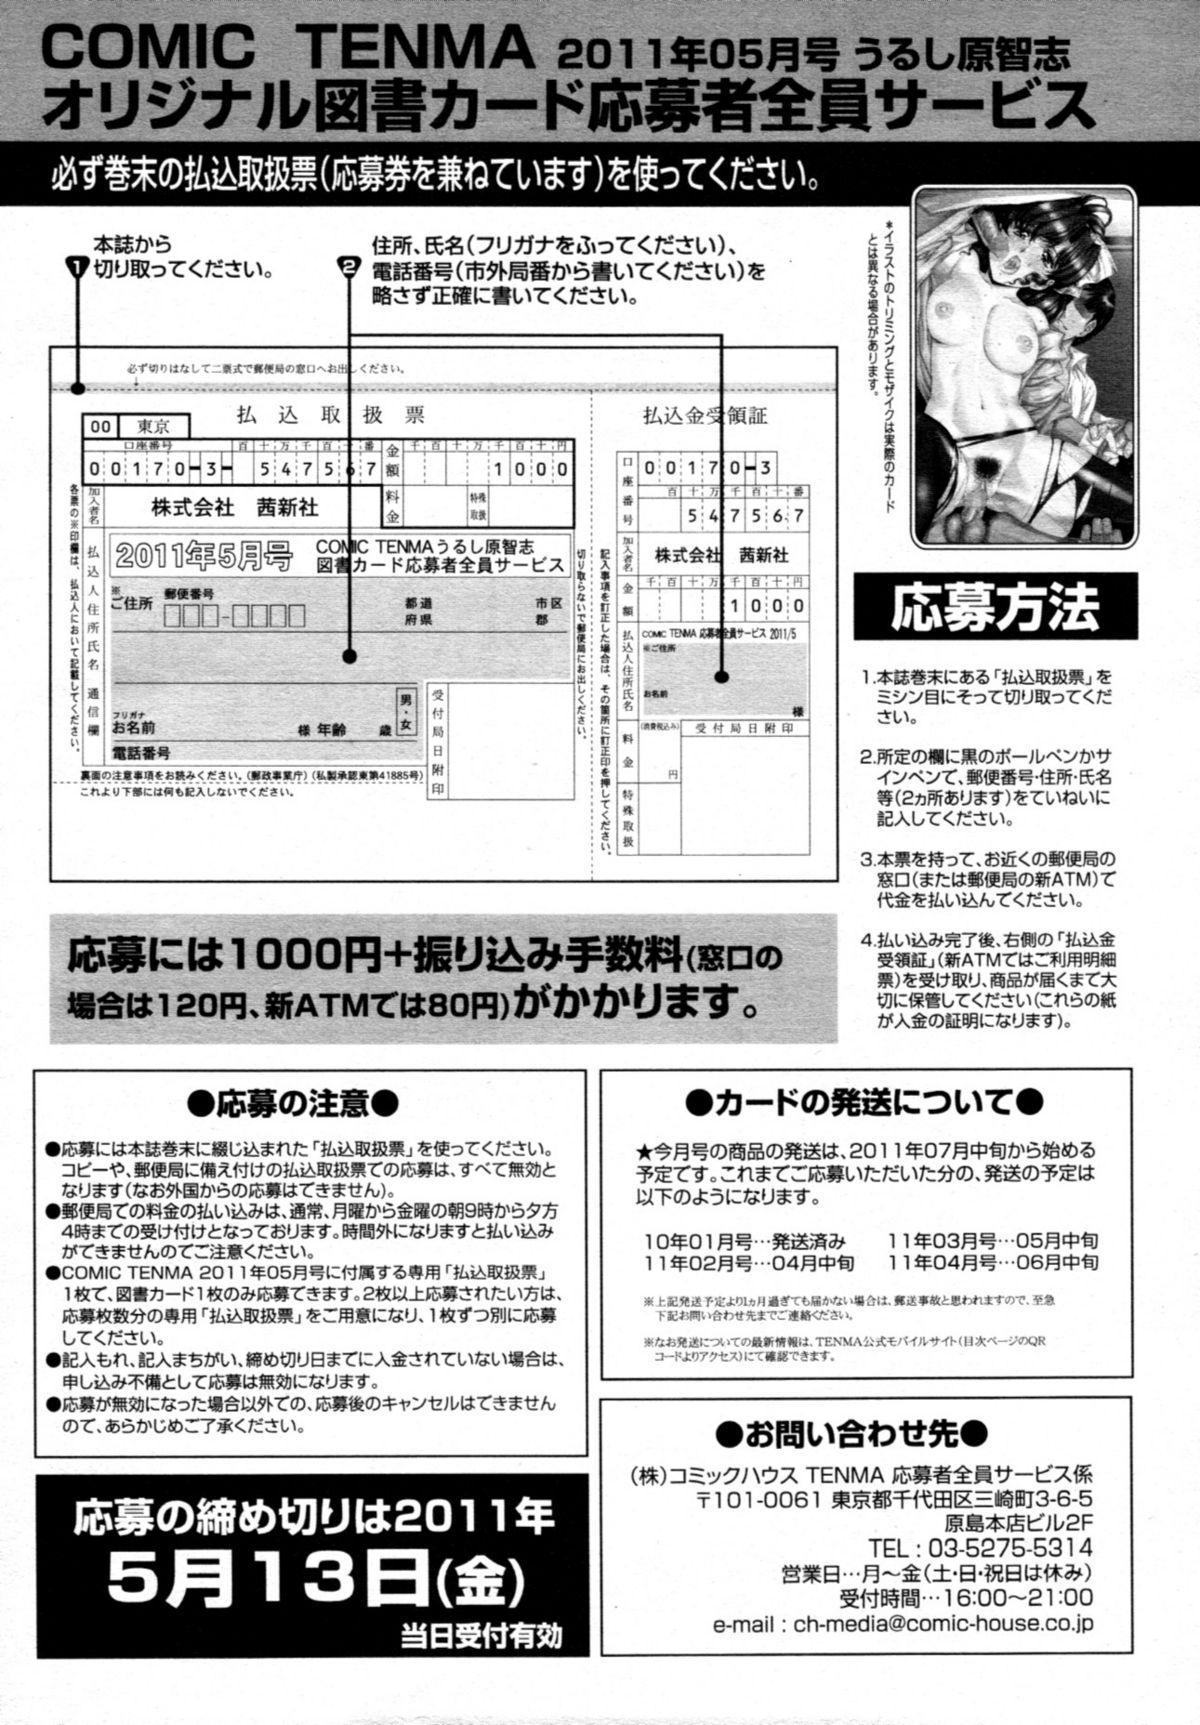 COMIC Tenma 2011-05 392